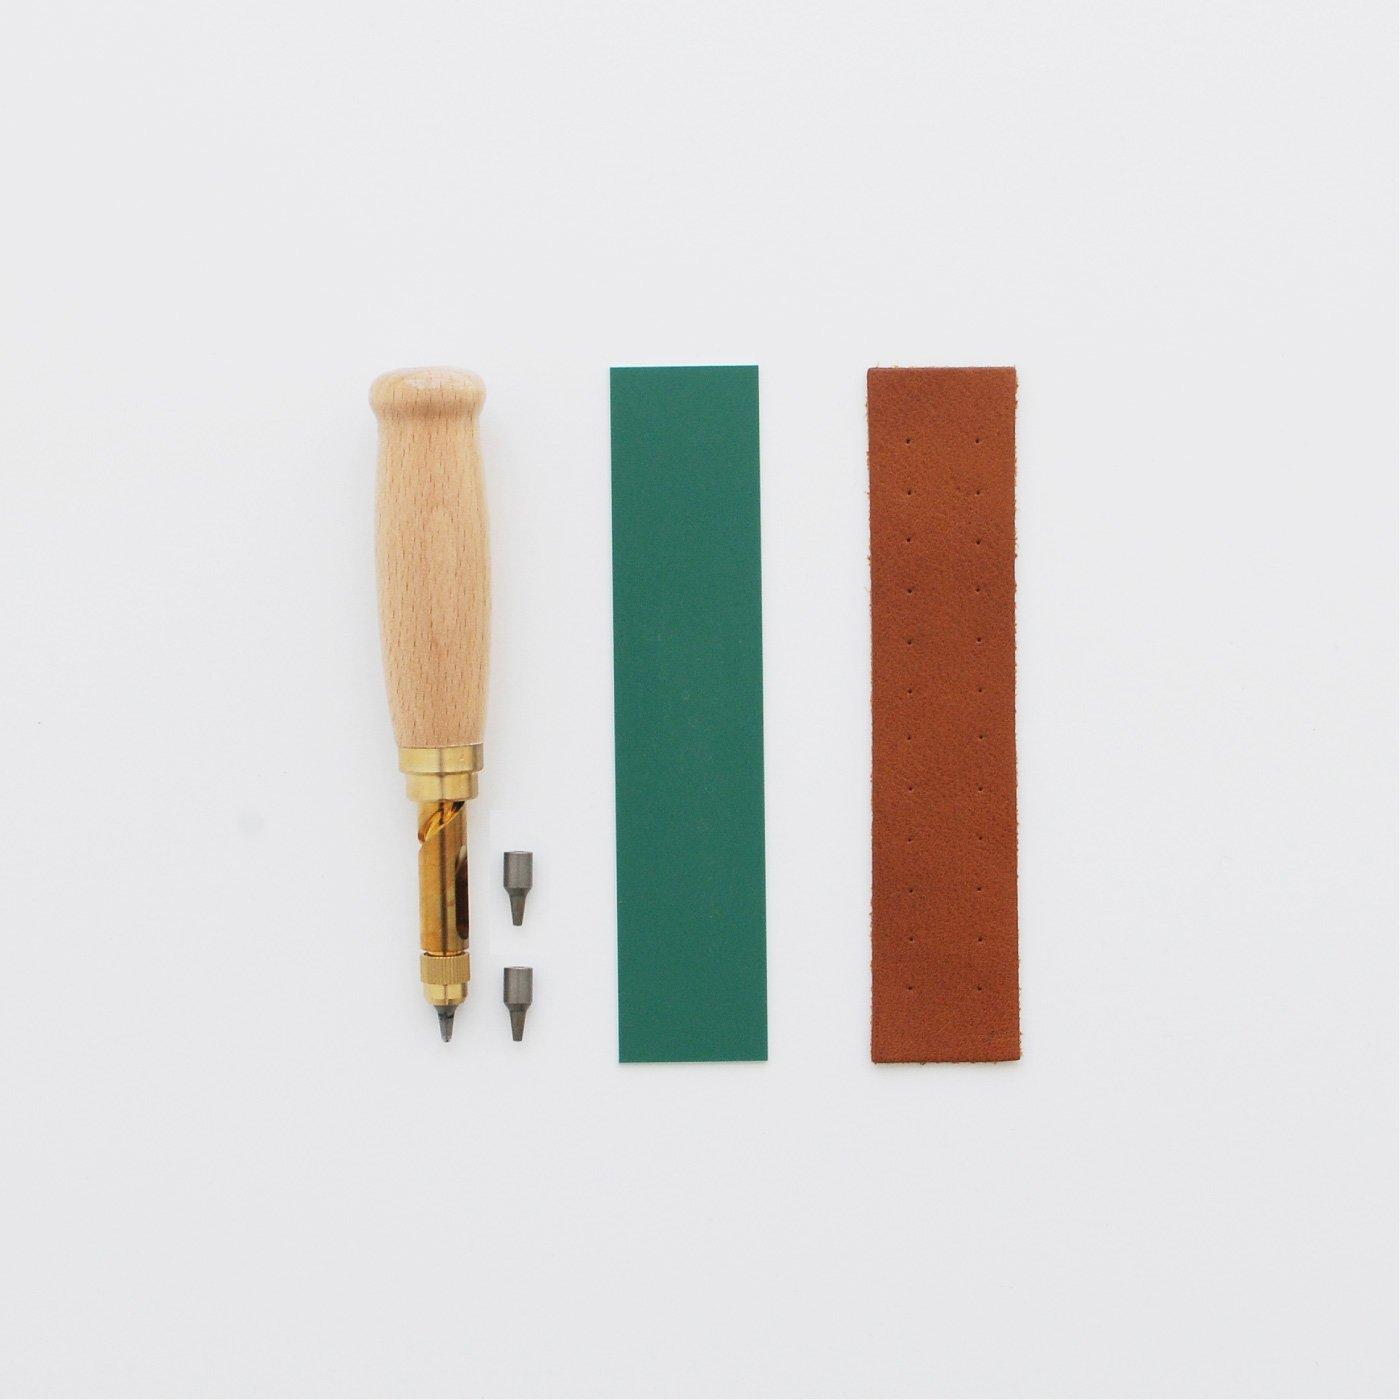 スクリュー式ポンチ1.5mm替え刃3個セット(作業用マット付き)